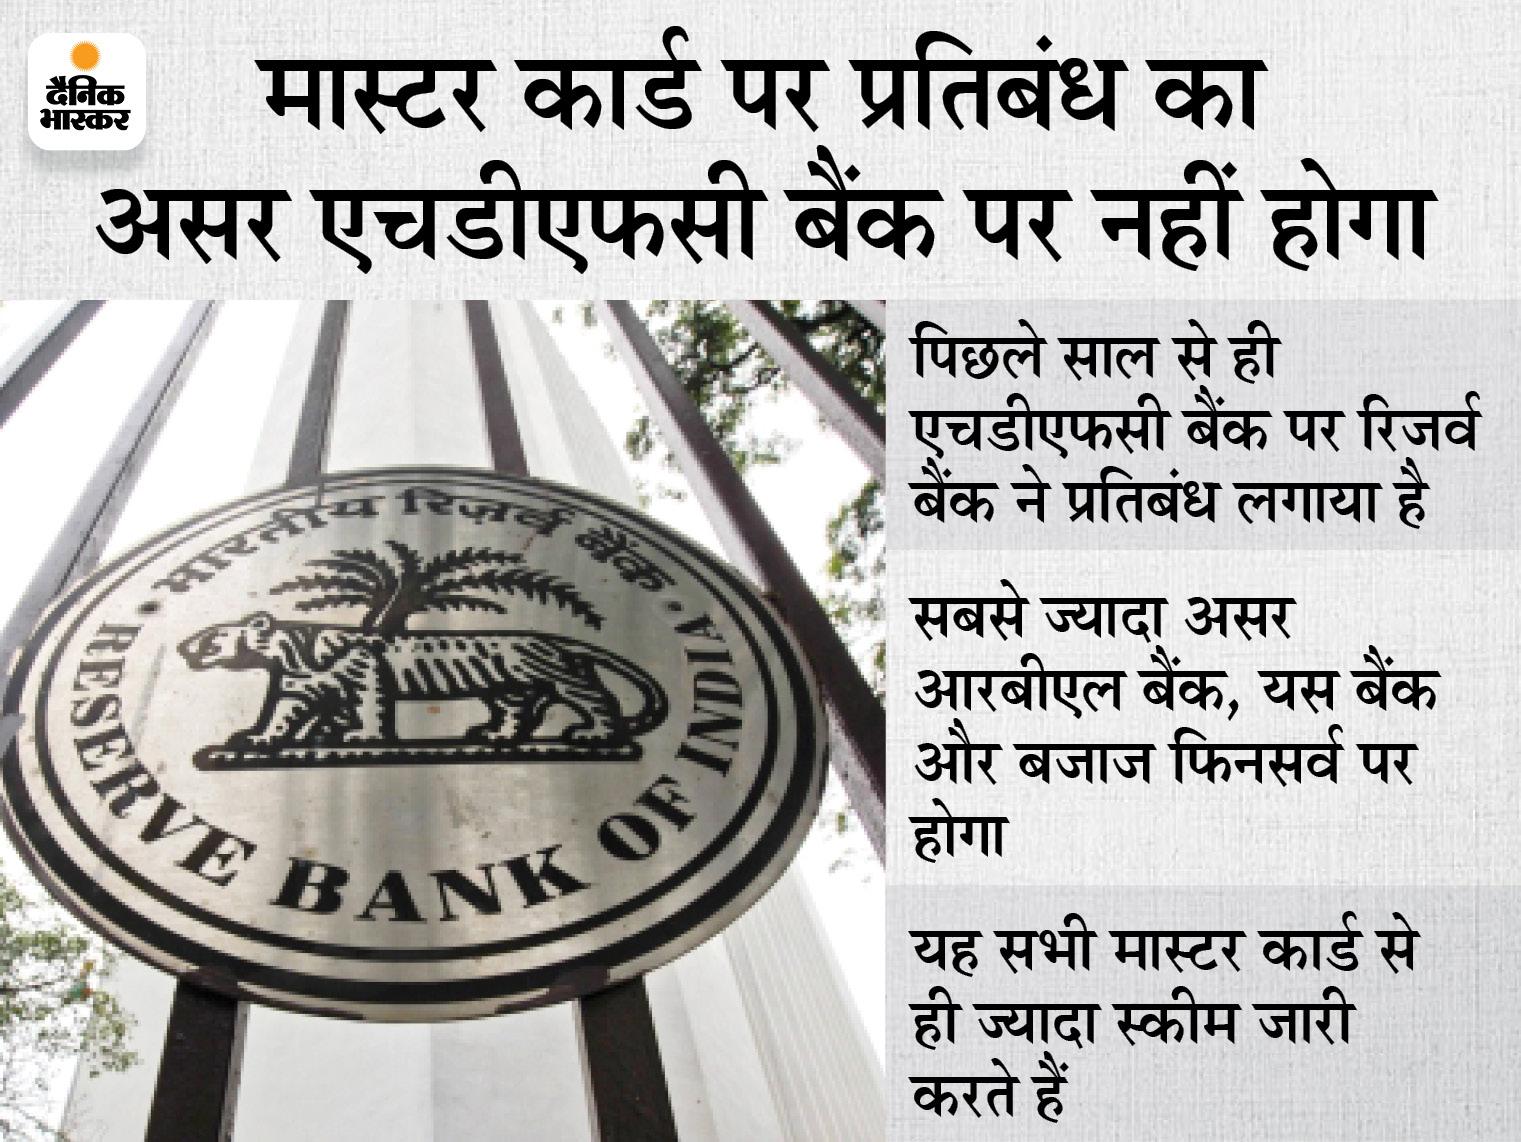 5 बैंकों पर मास्टर कार्ड के बैन का होगा असर: एक्सिस बैंक, यस बैंक, इंडसइंड और SBI होंगे प्रभावित, 2-3 महीने लगेंगे दूसरे प्लेटफॉर्म पर जाने में